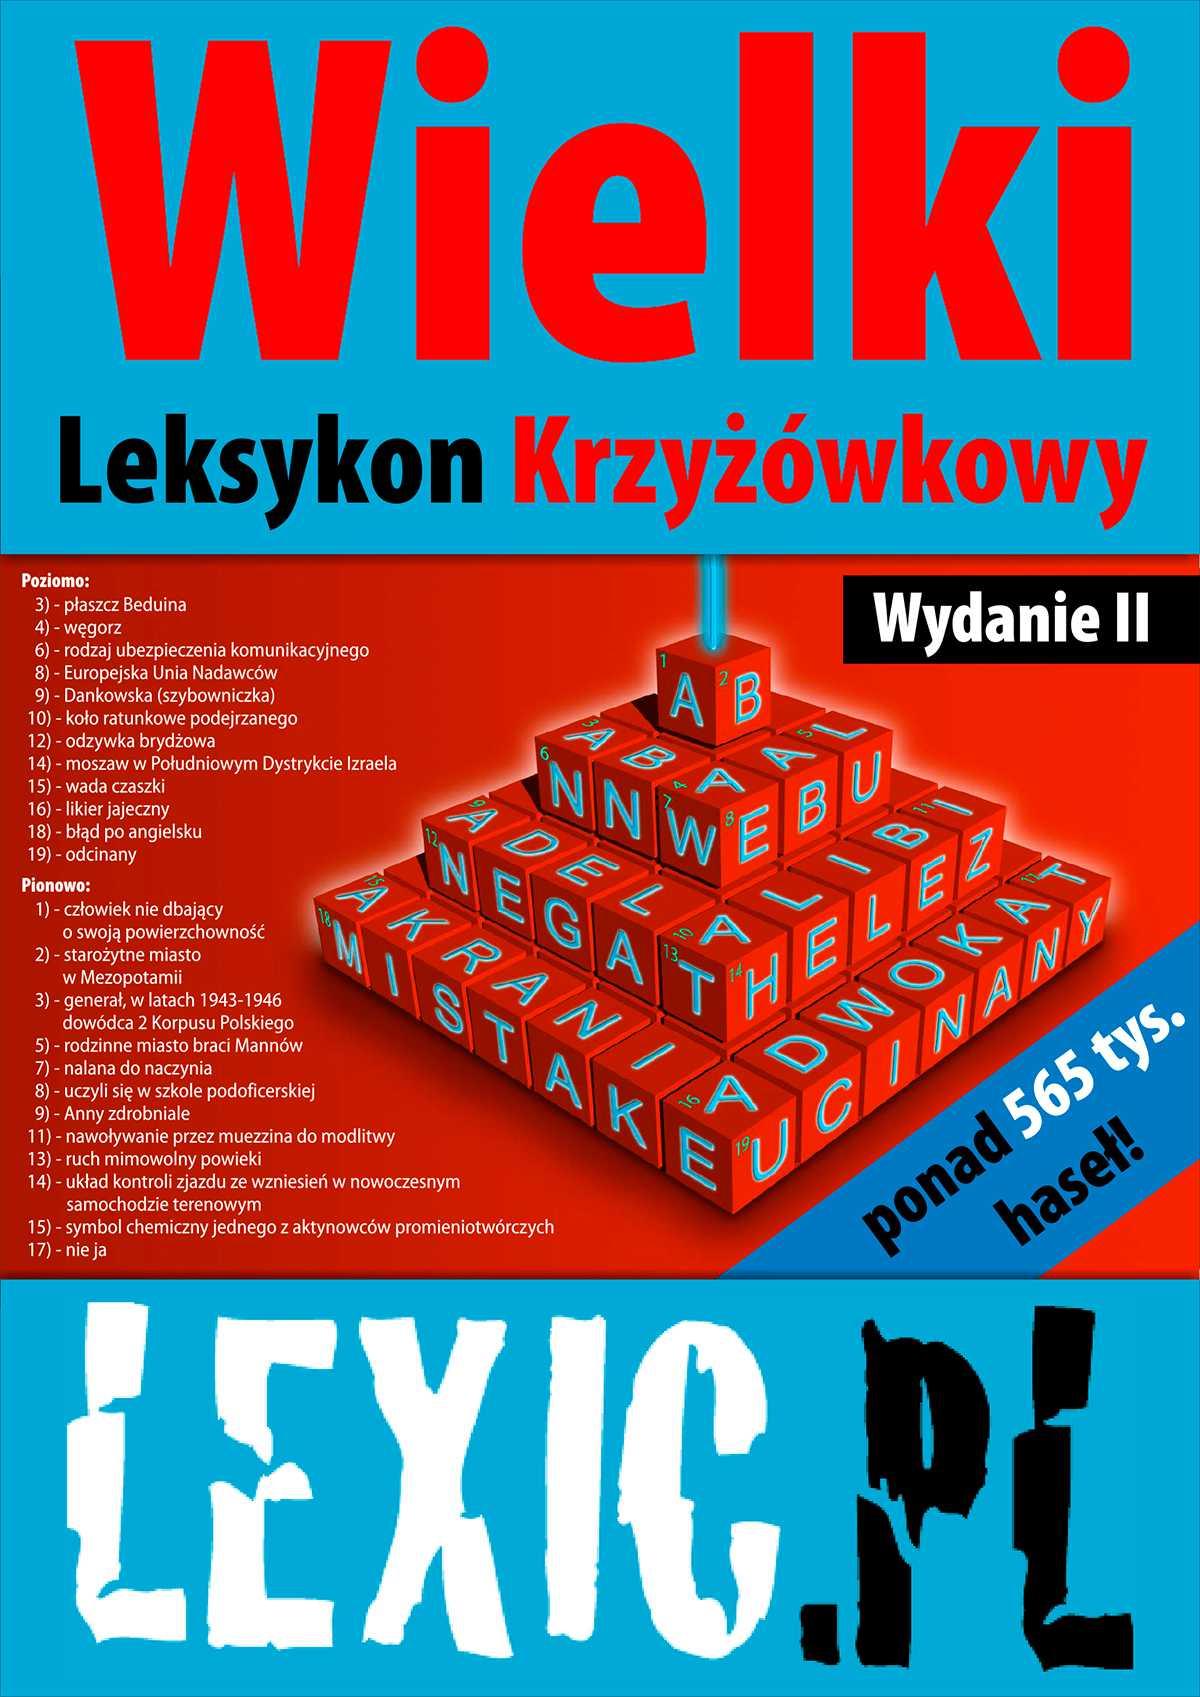 Wielki Leksykon Krzyżówkowy LEXIC.PL - Ebook (Książka PDF) do pobrania w formacie PDF